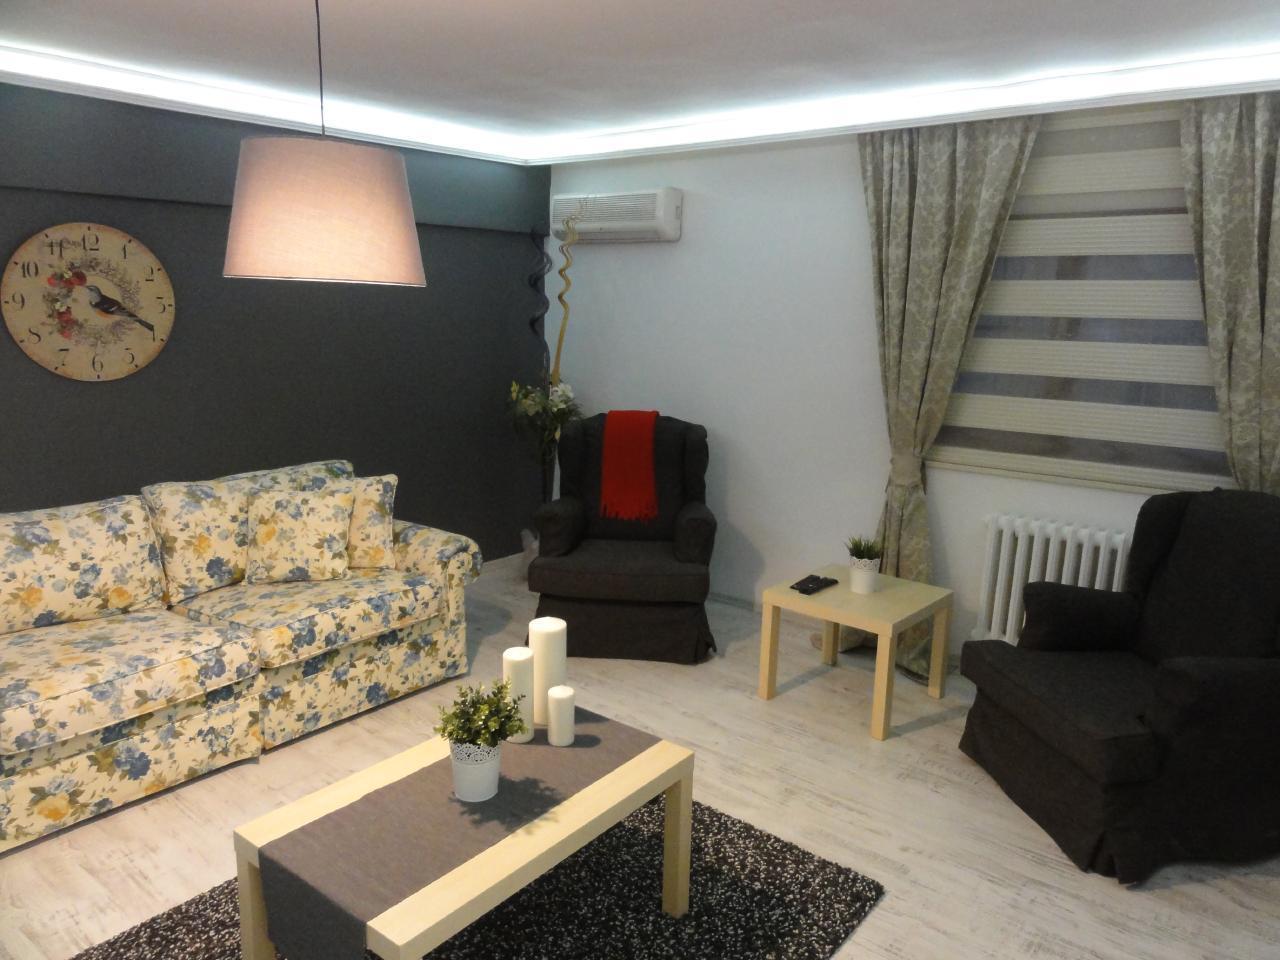 Ferienwohnung Evodak Apartment D 2A (1710500), Balgat, , Zentralanatolien, Türkei, Bild 1